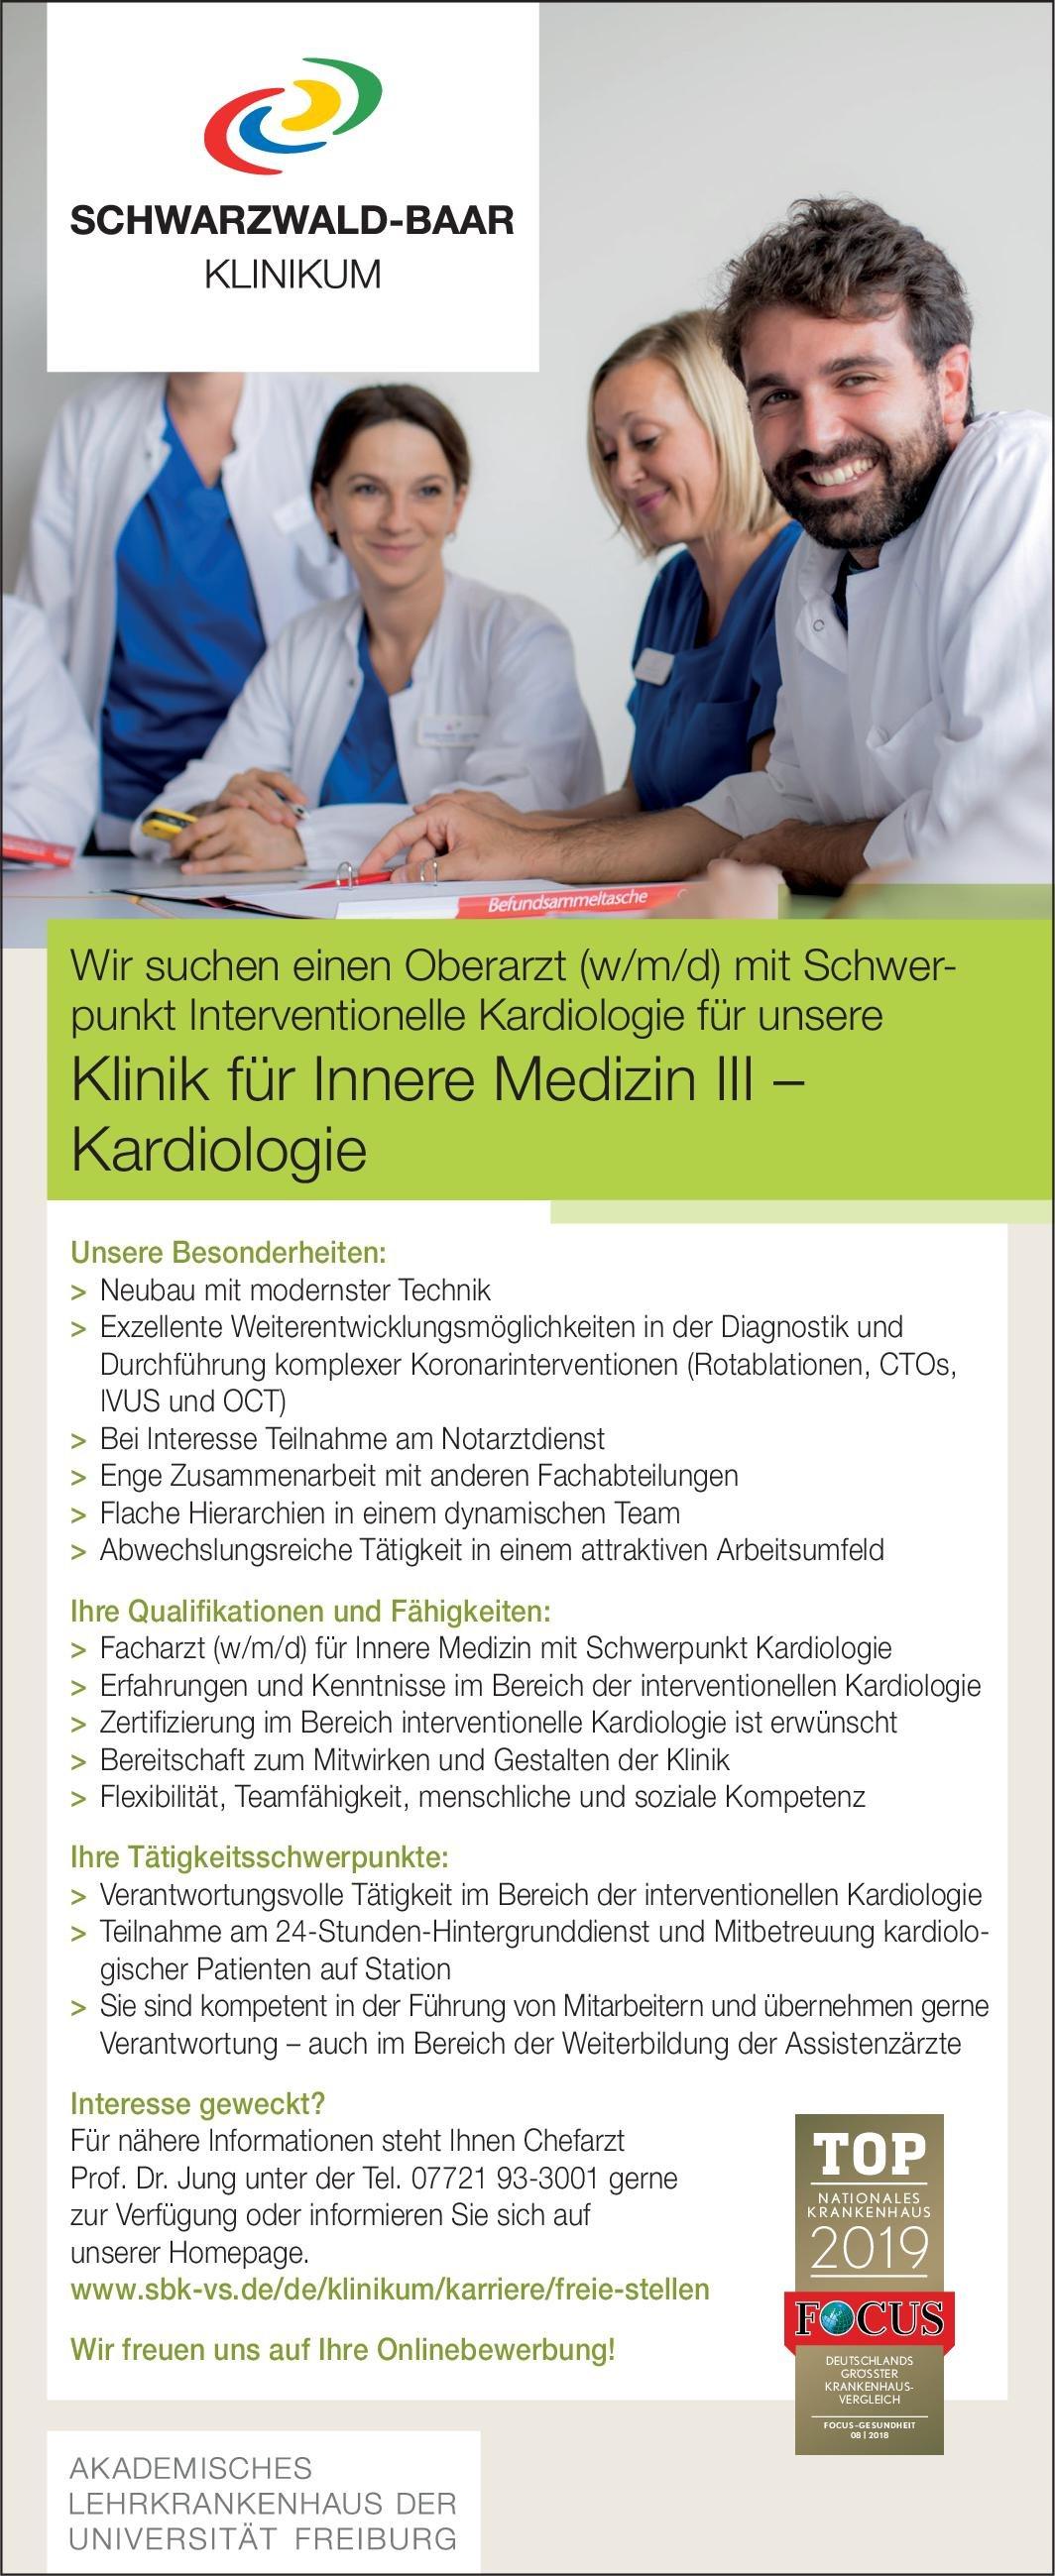 Schwarzwald-Baar Klinikum Oberarzt (w/m/d) mit Schwerpunkt Interventionelle Kardiologie  Innere Medizin und Kardiologie, Innere Medizin Oberarzt